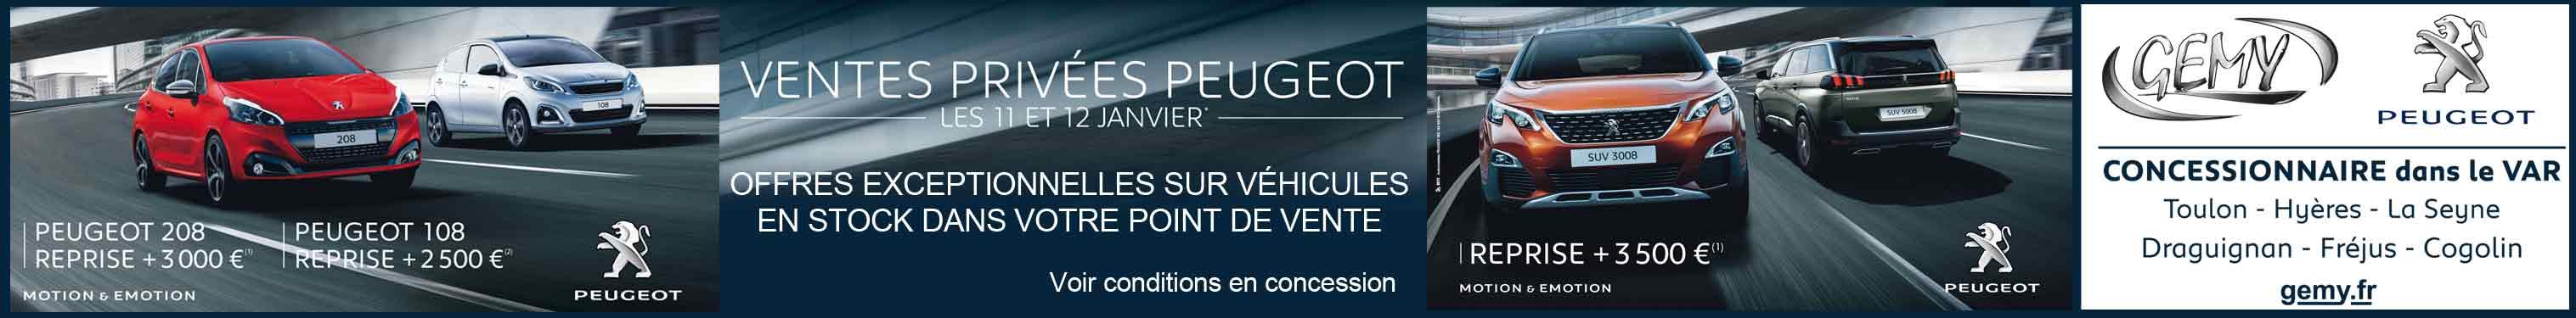 Gemy Peugeot concessionnaire dans le Var